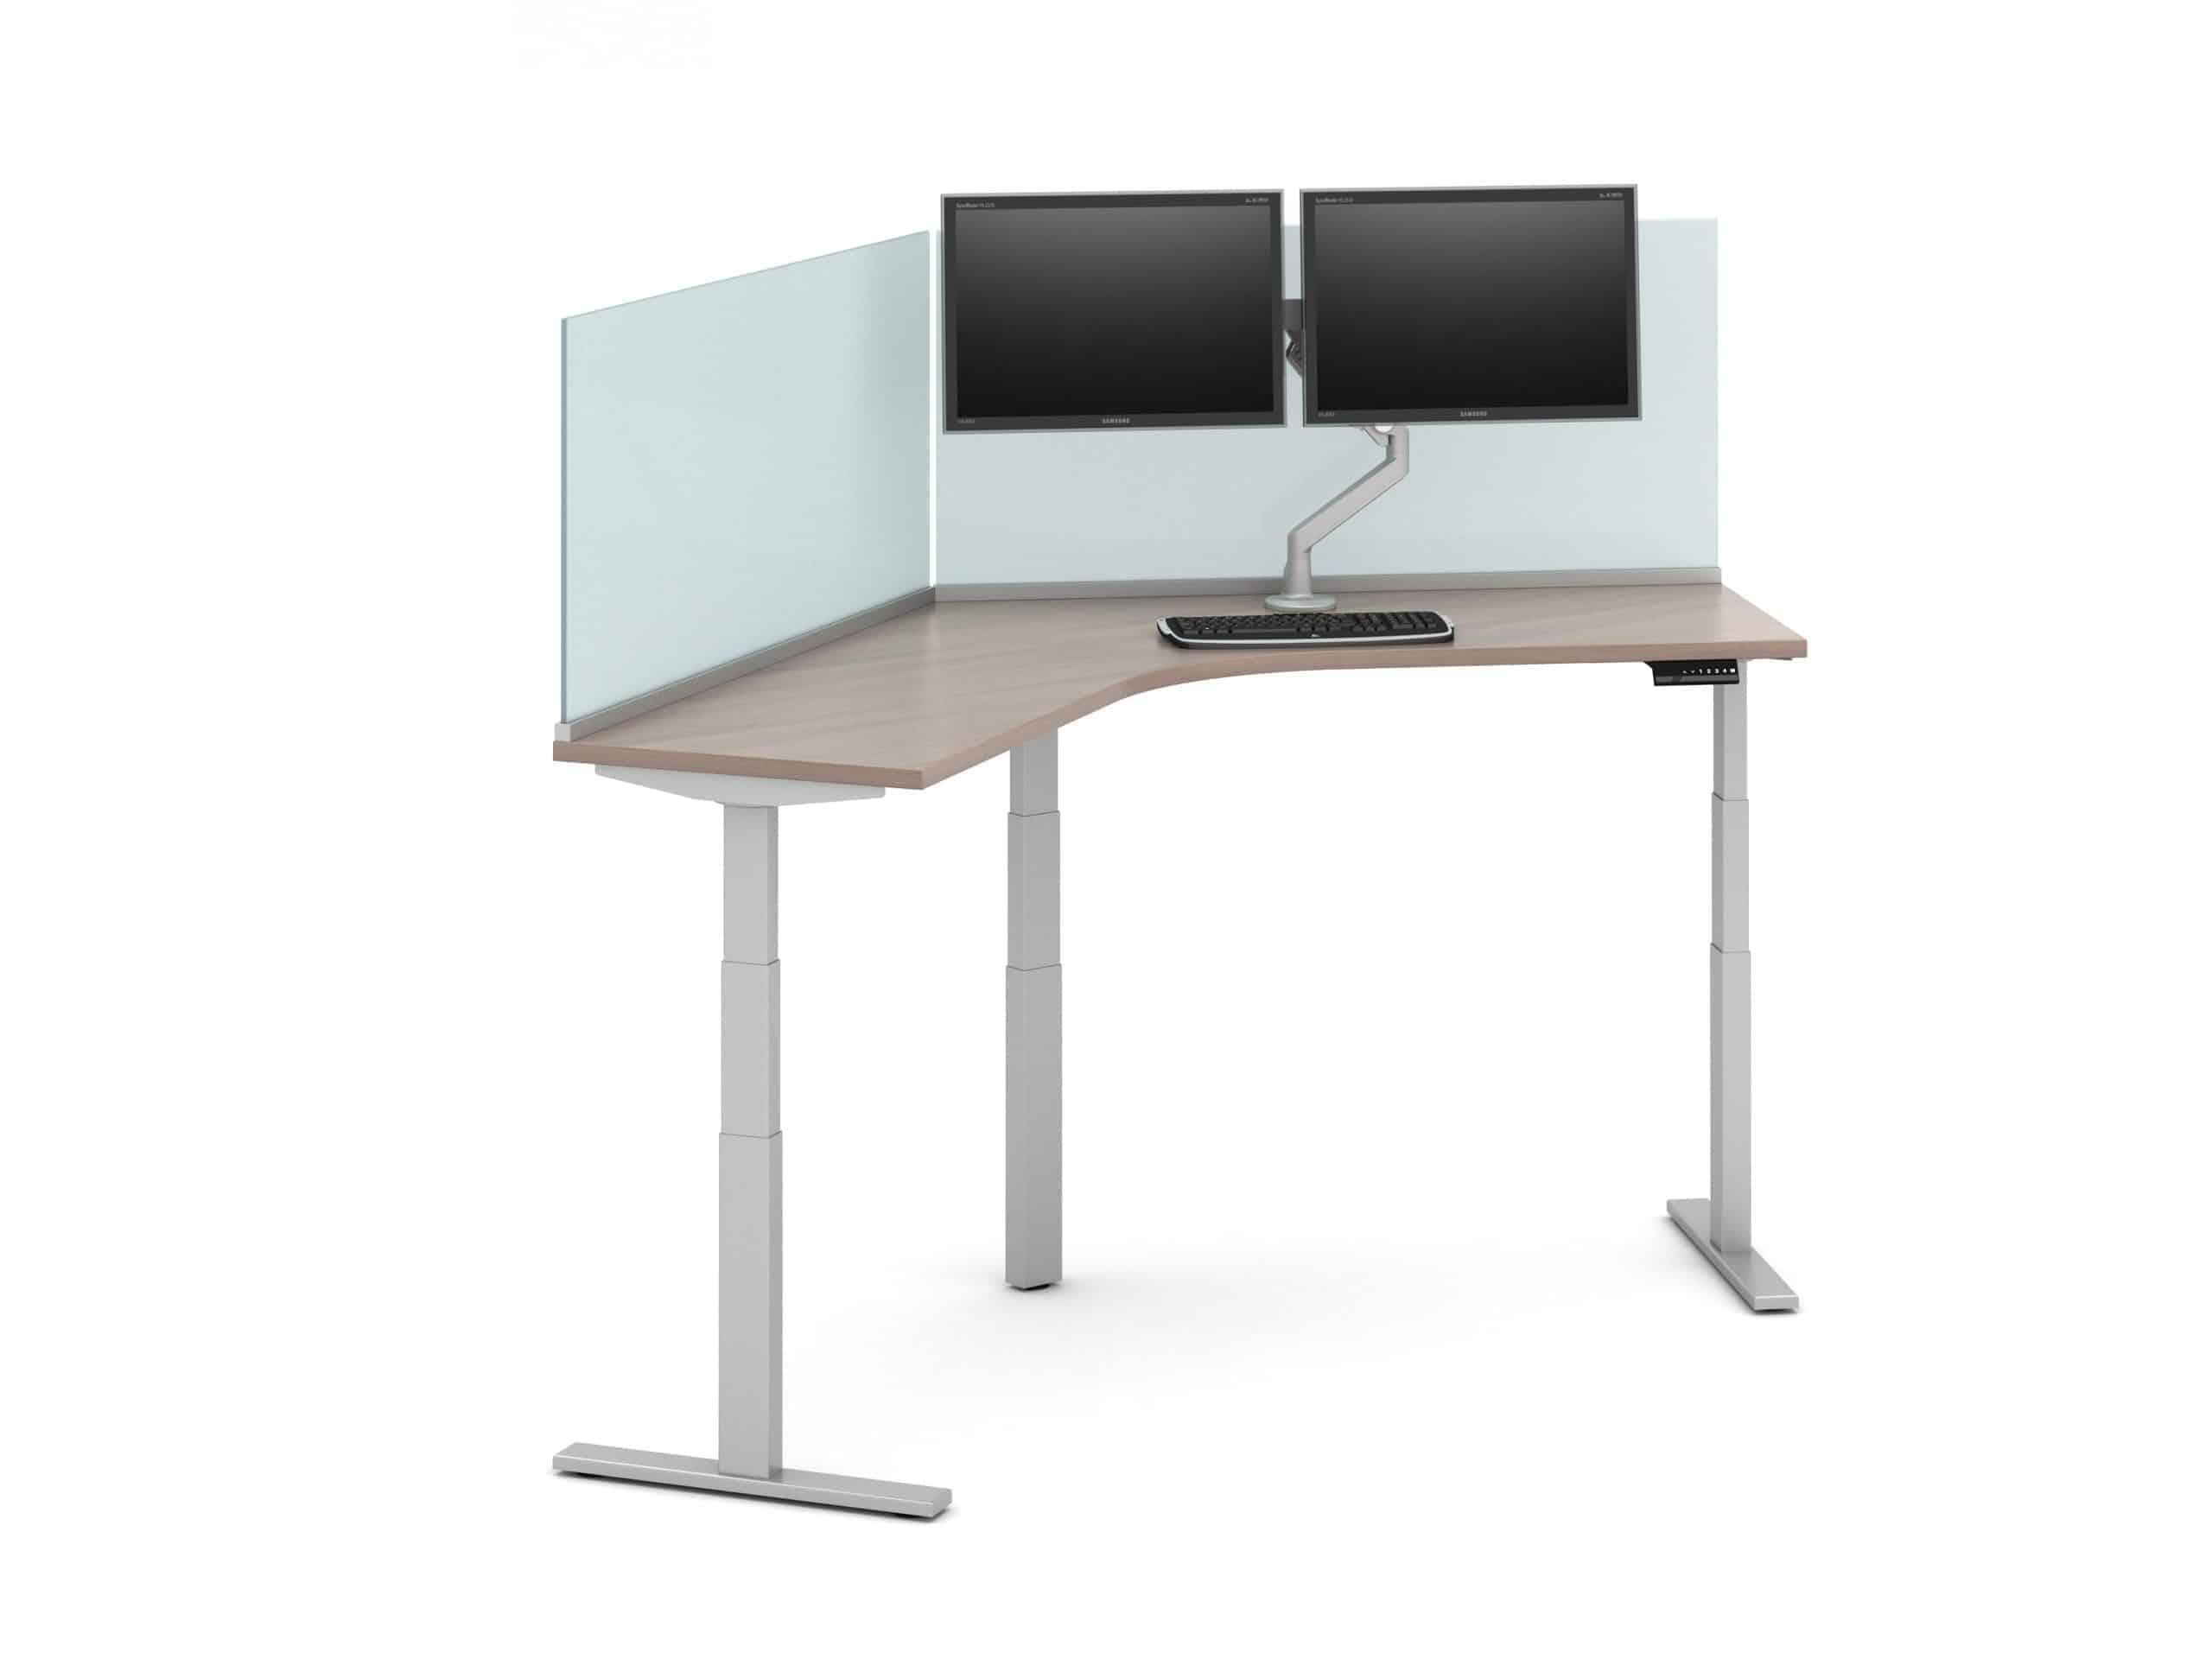 desk divider, COVID-19